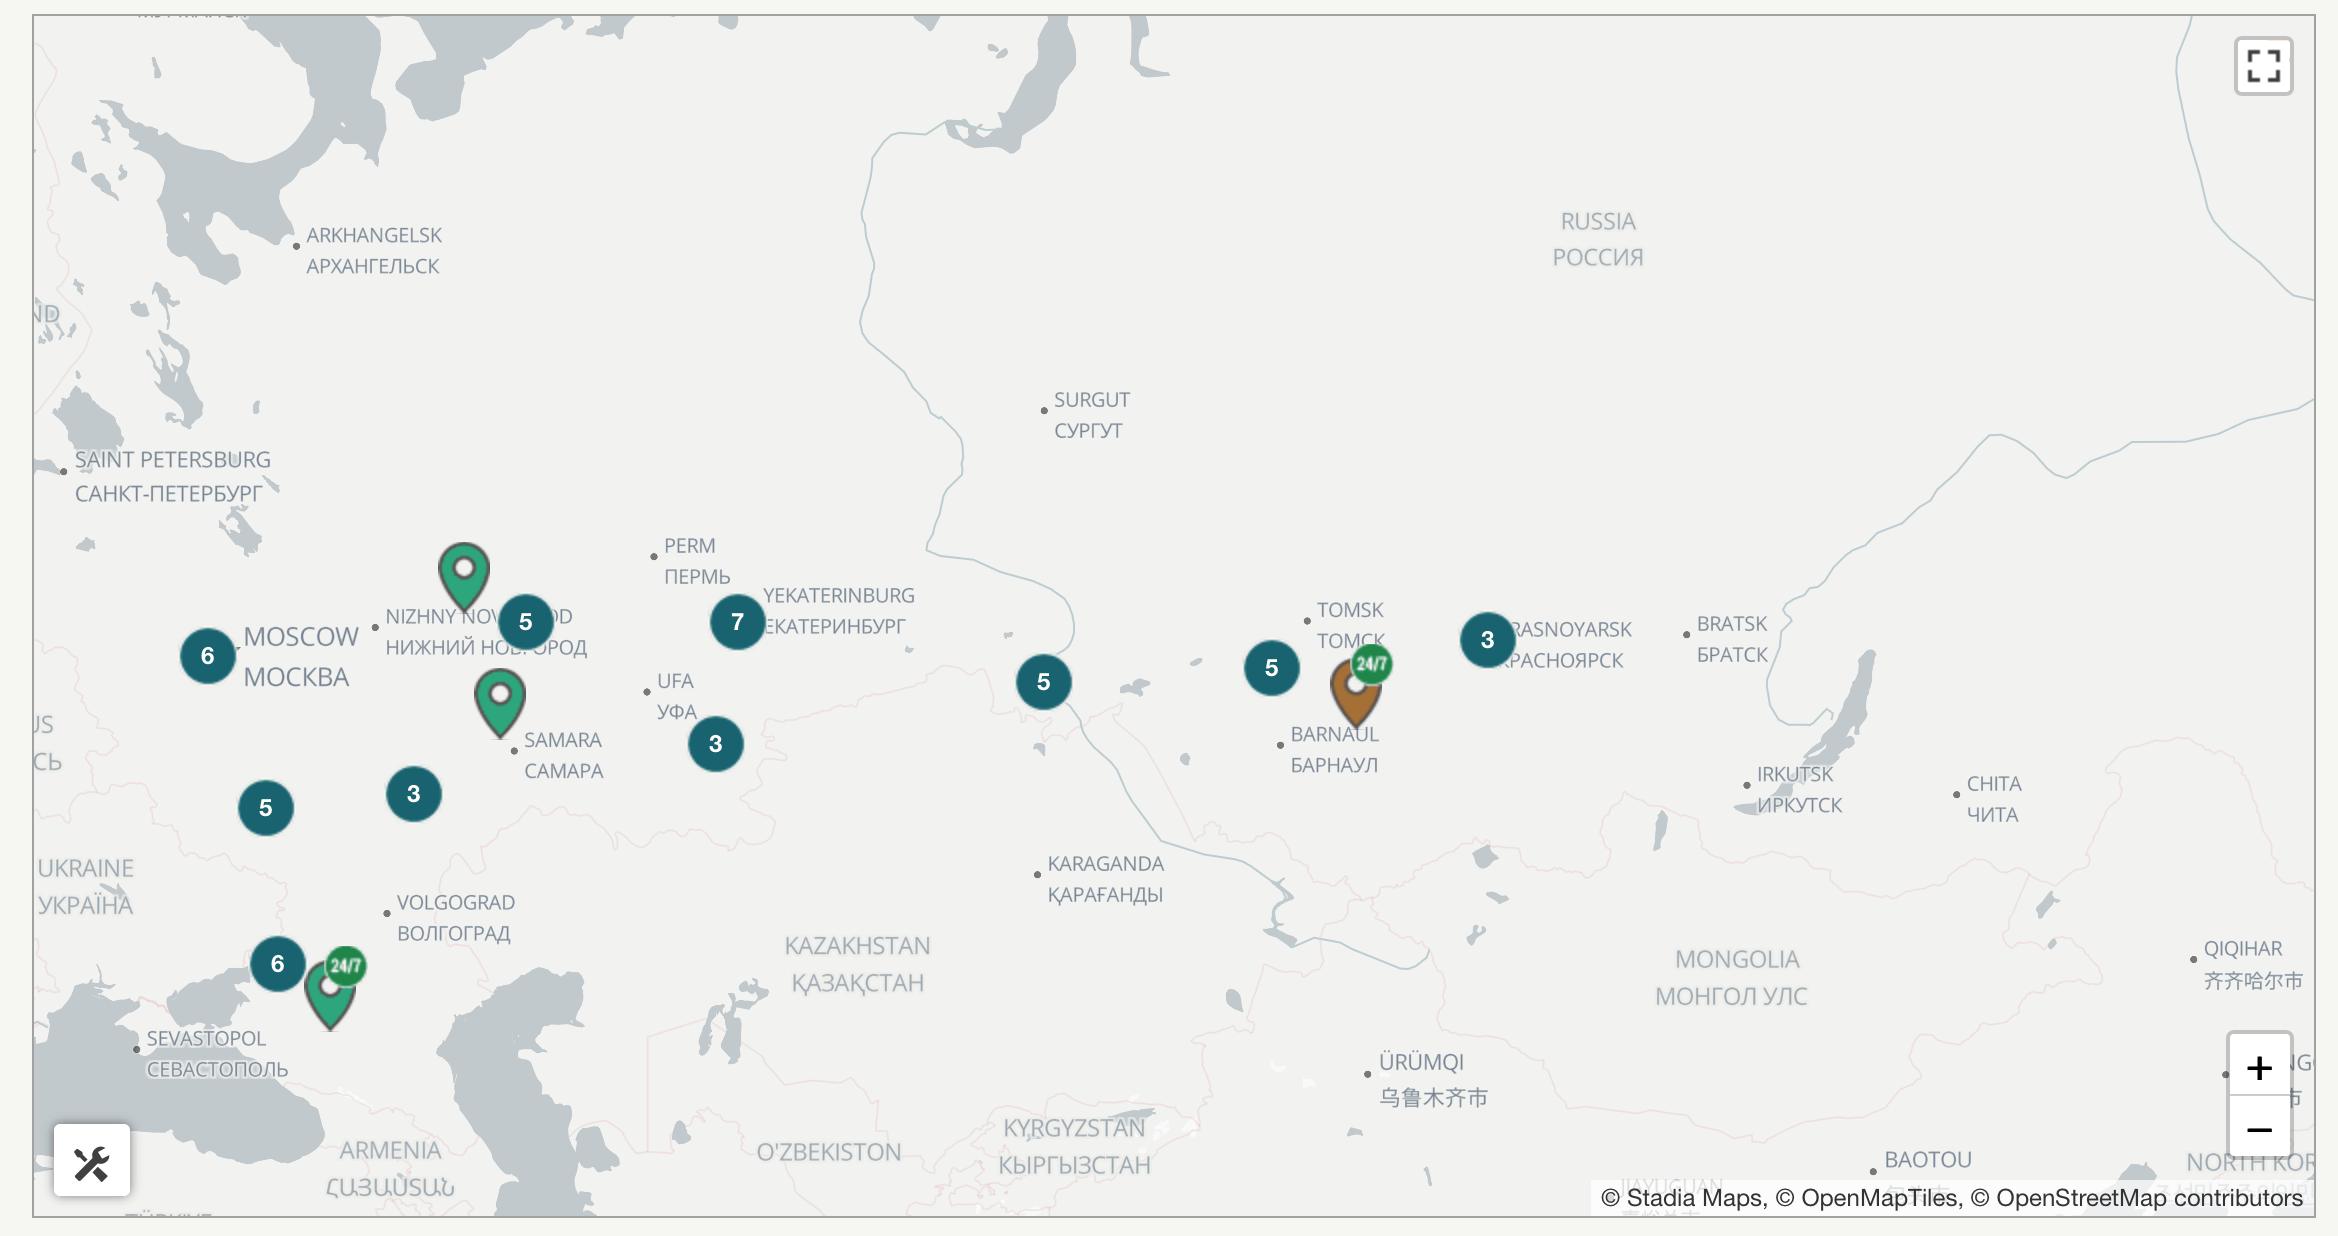 Криптоматы в России карта